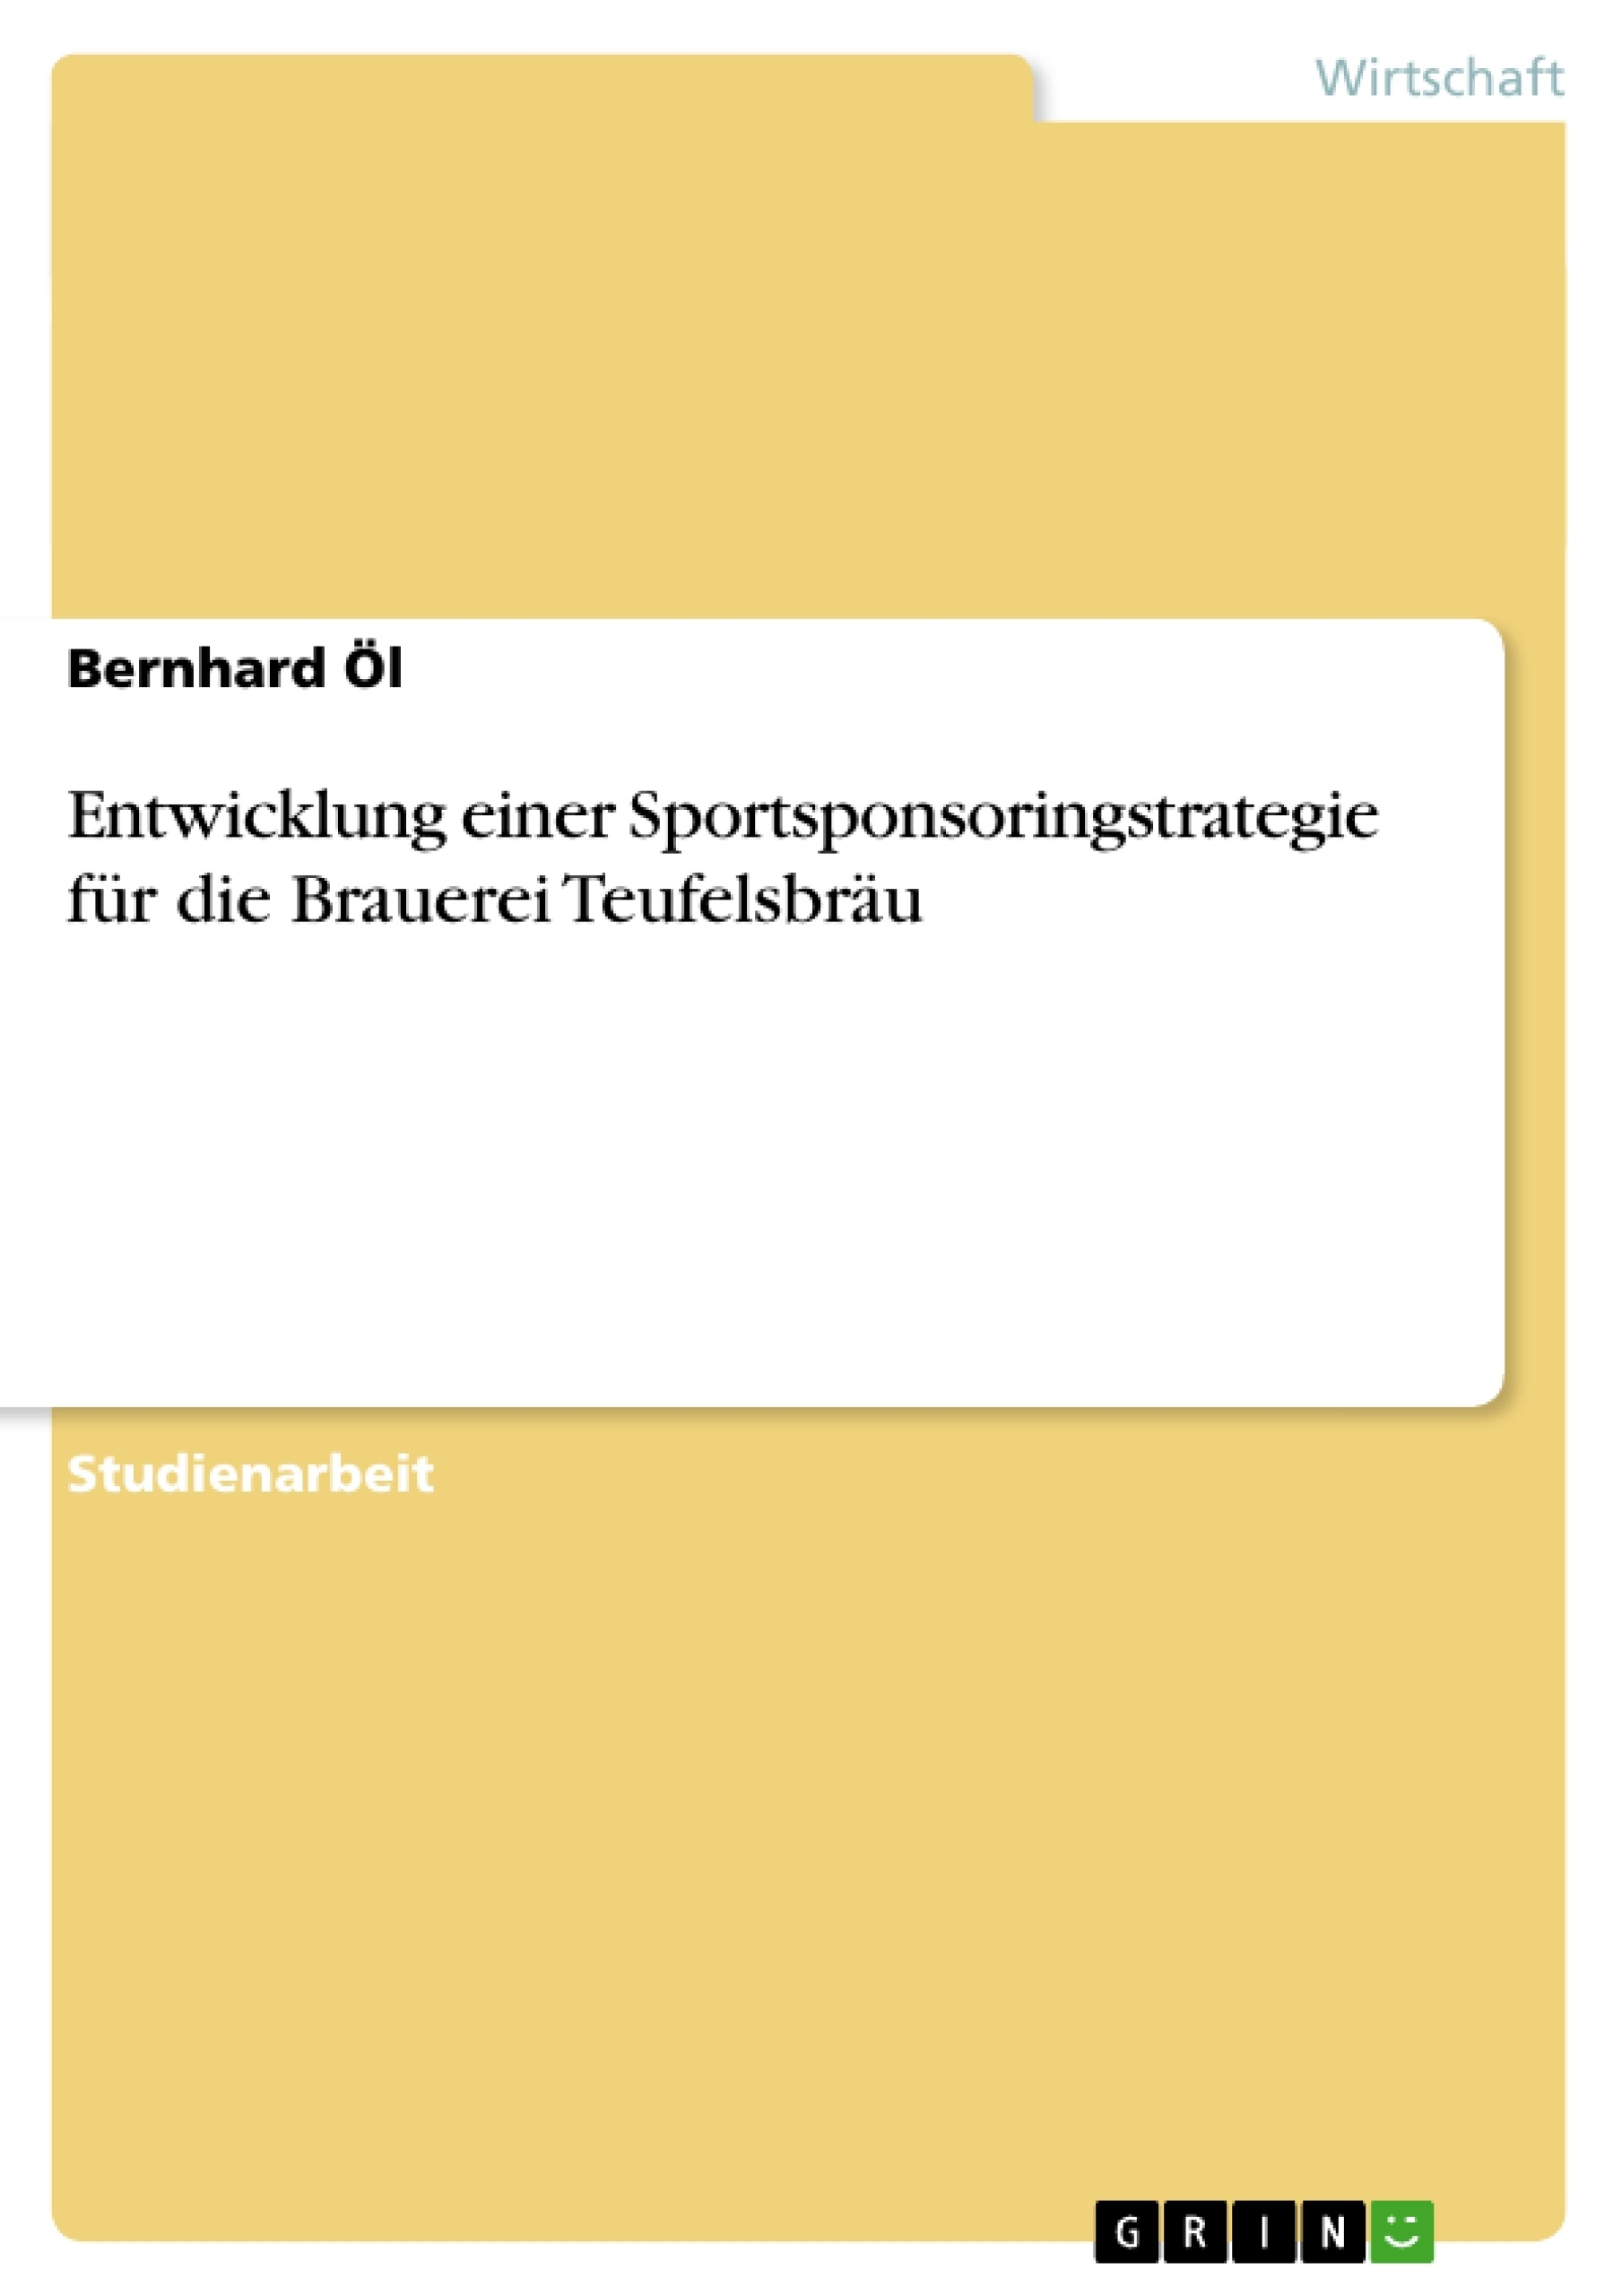 Titel: Entwicklung einer Sportsponsoringstrategie für die Brauerei Teufelsbräu